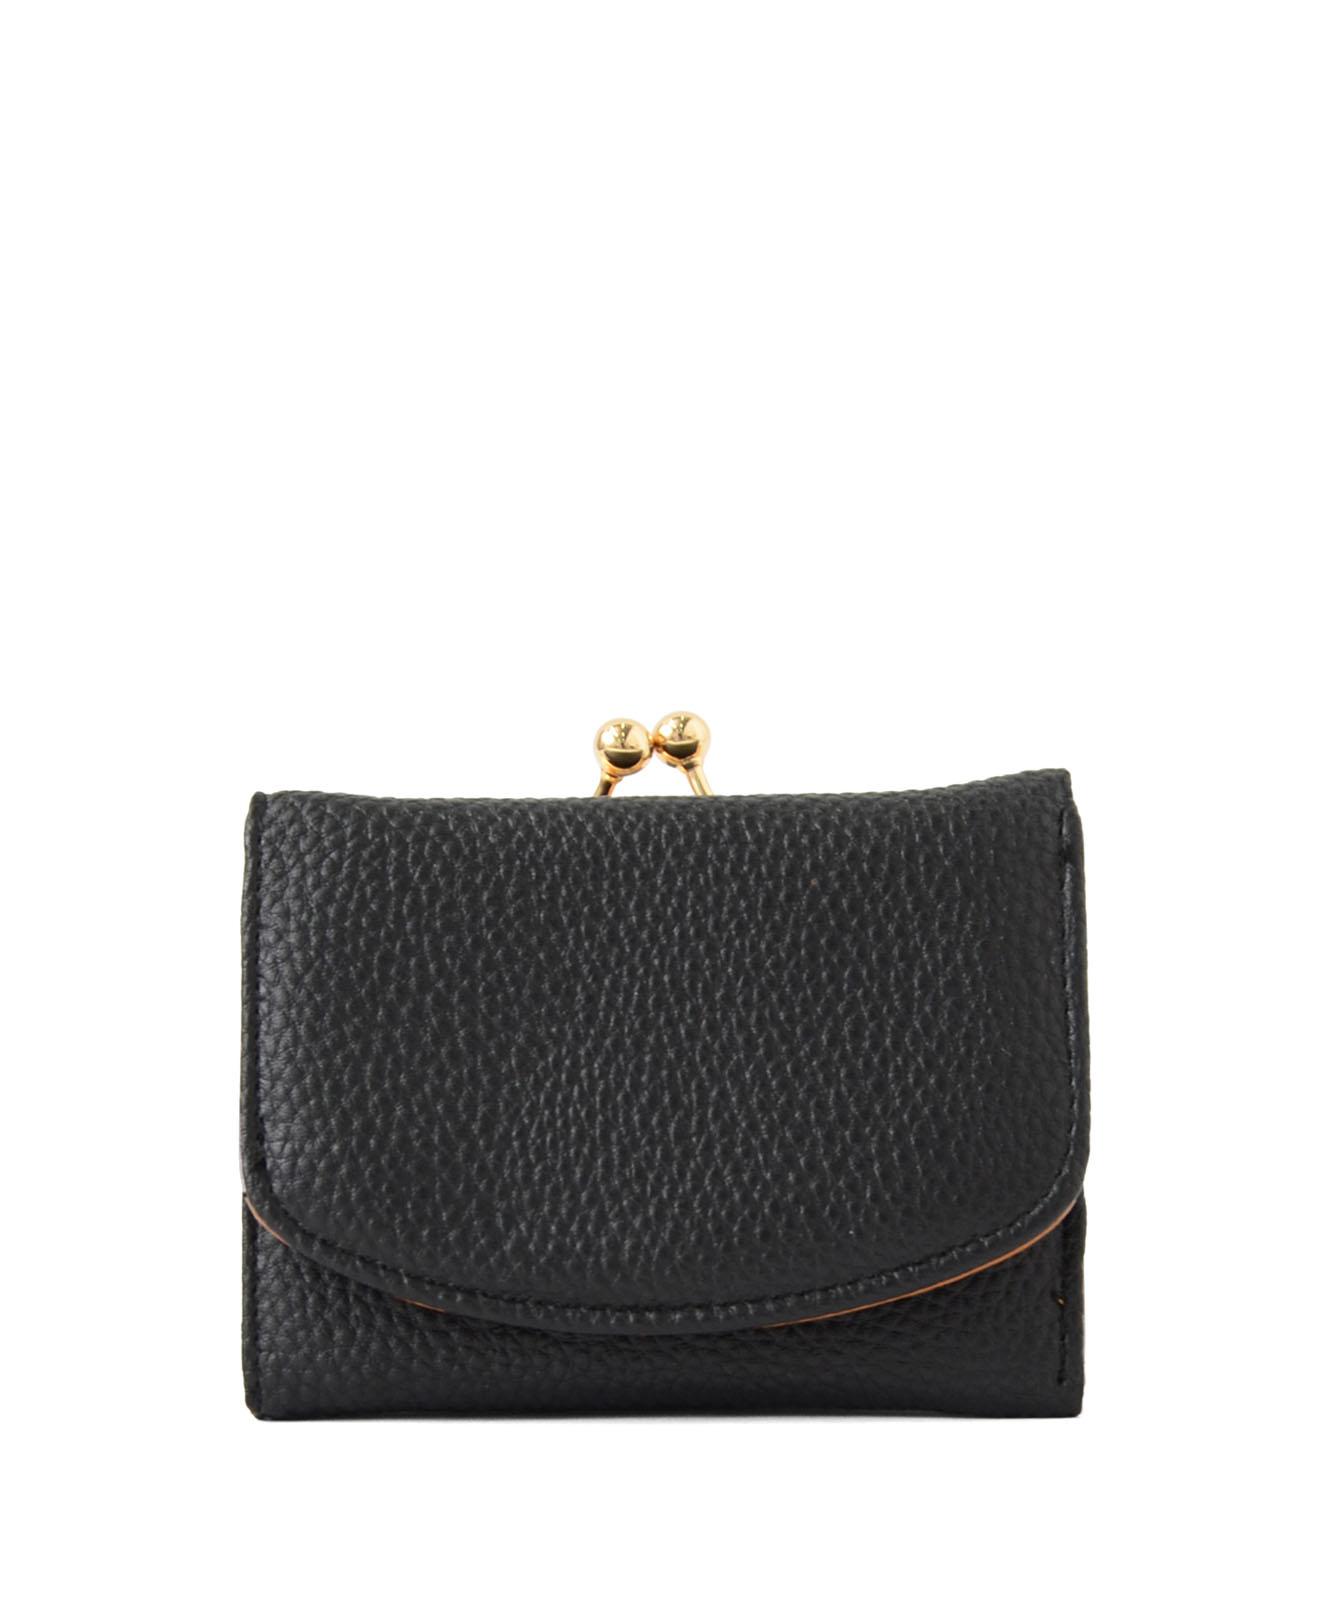 セパレートがま口二つ折りミニ財布